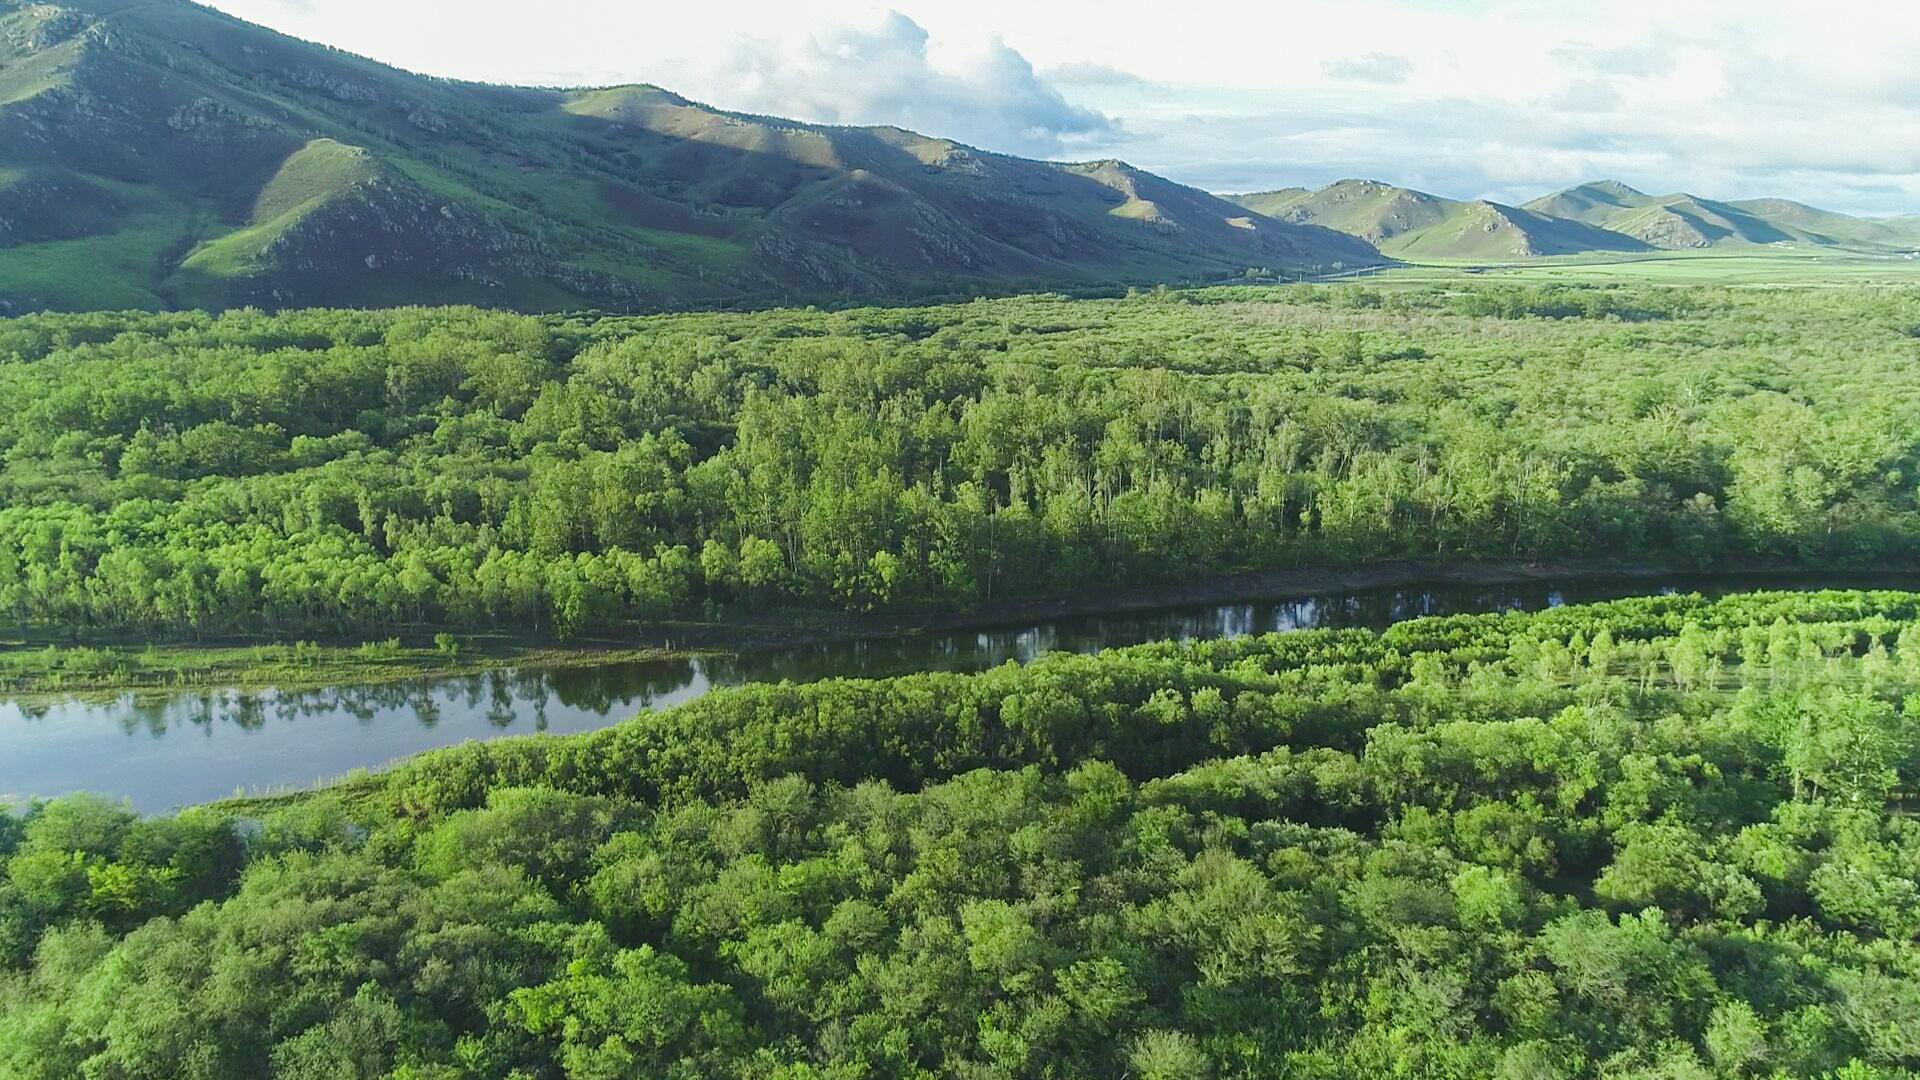 【幸福花开新边疆】额尔古纳国家湿地公园:河作青罗带 苍翠林幽深